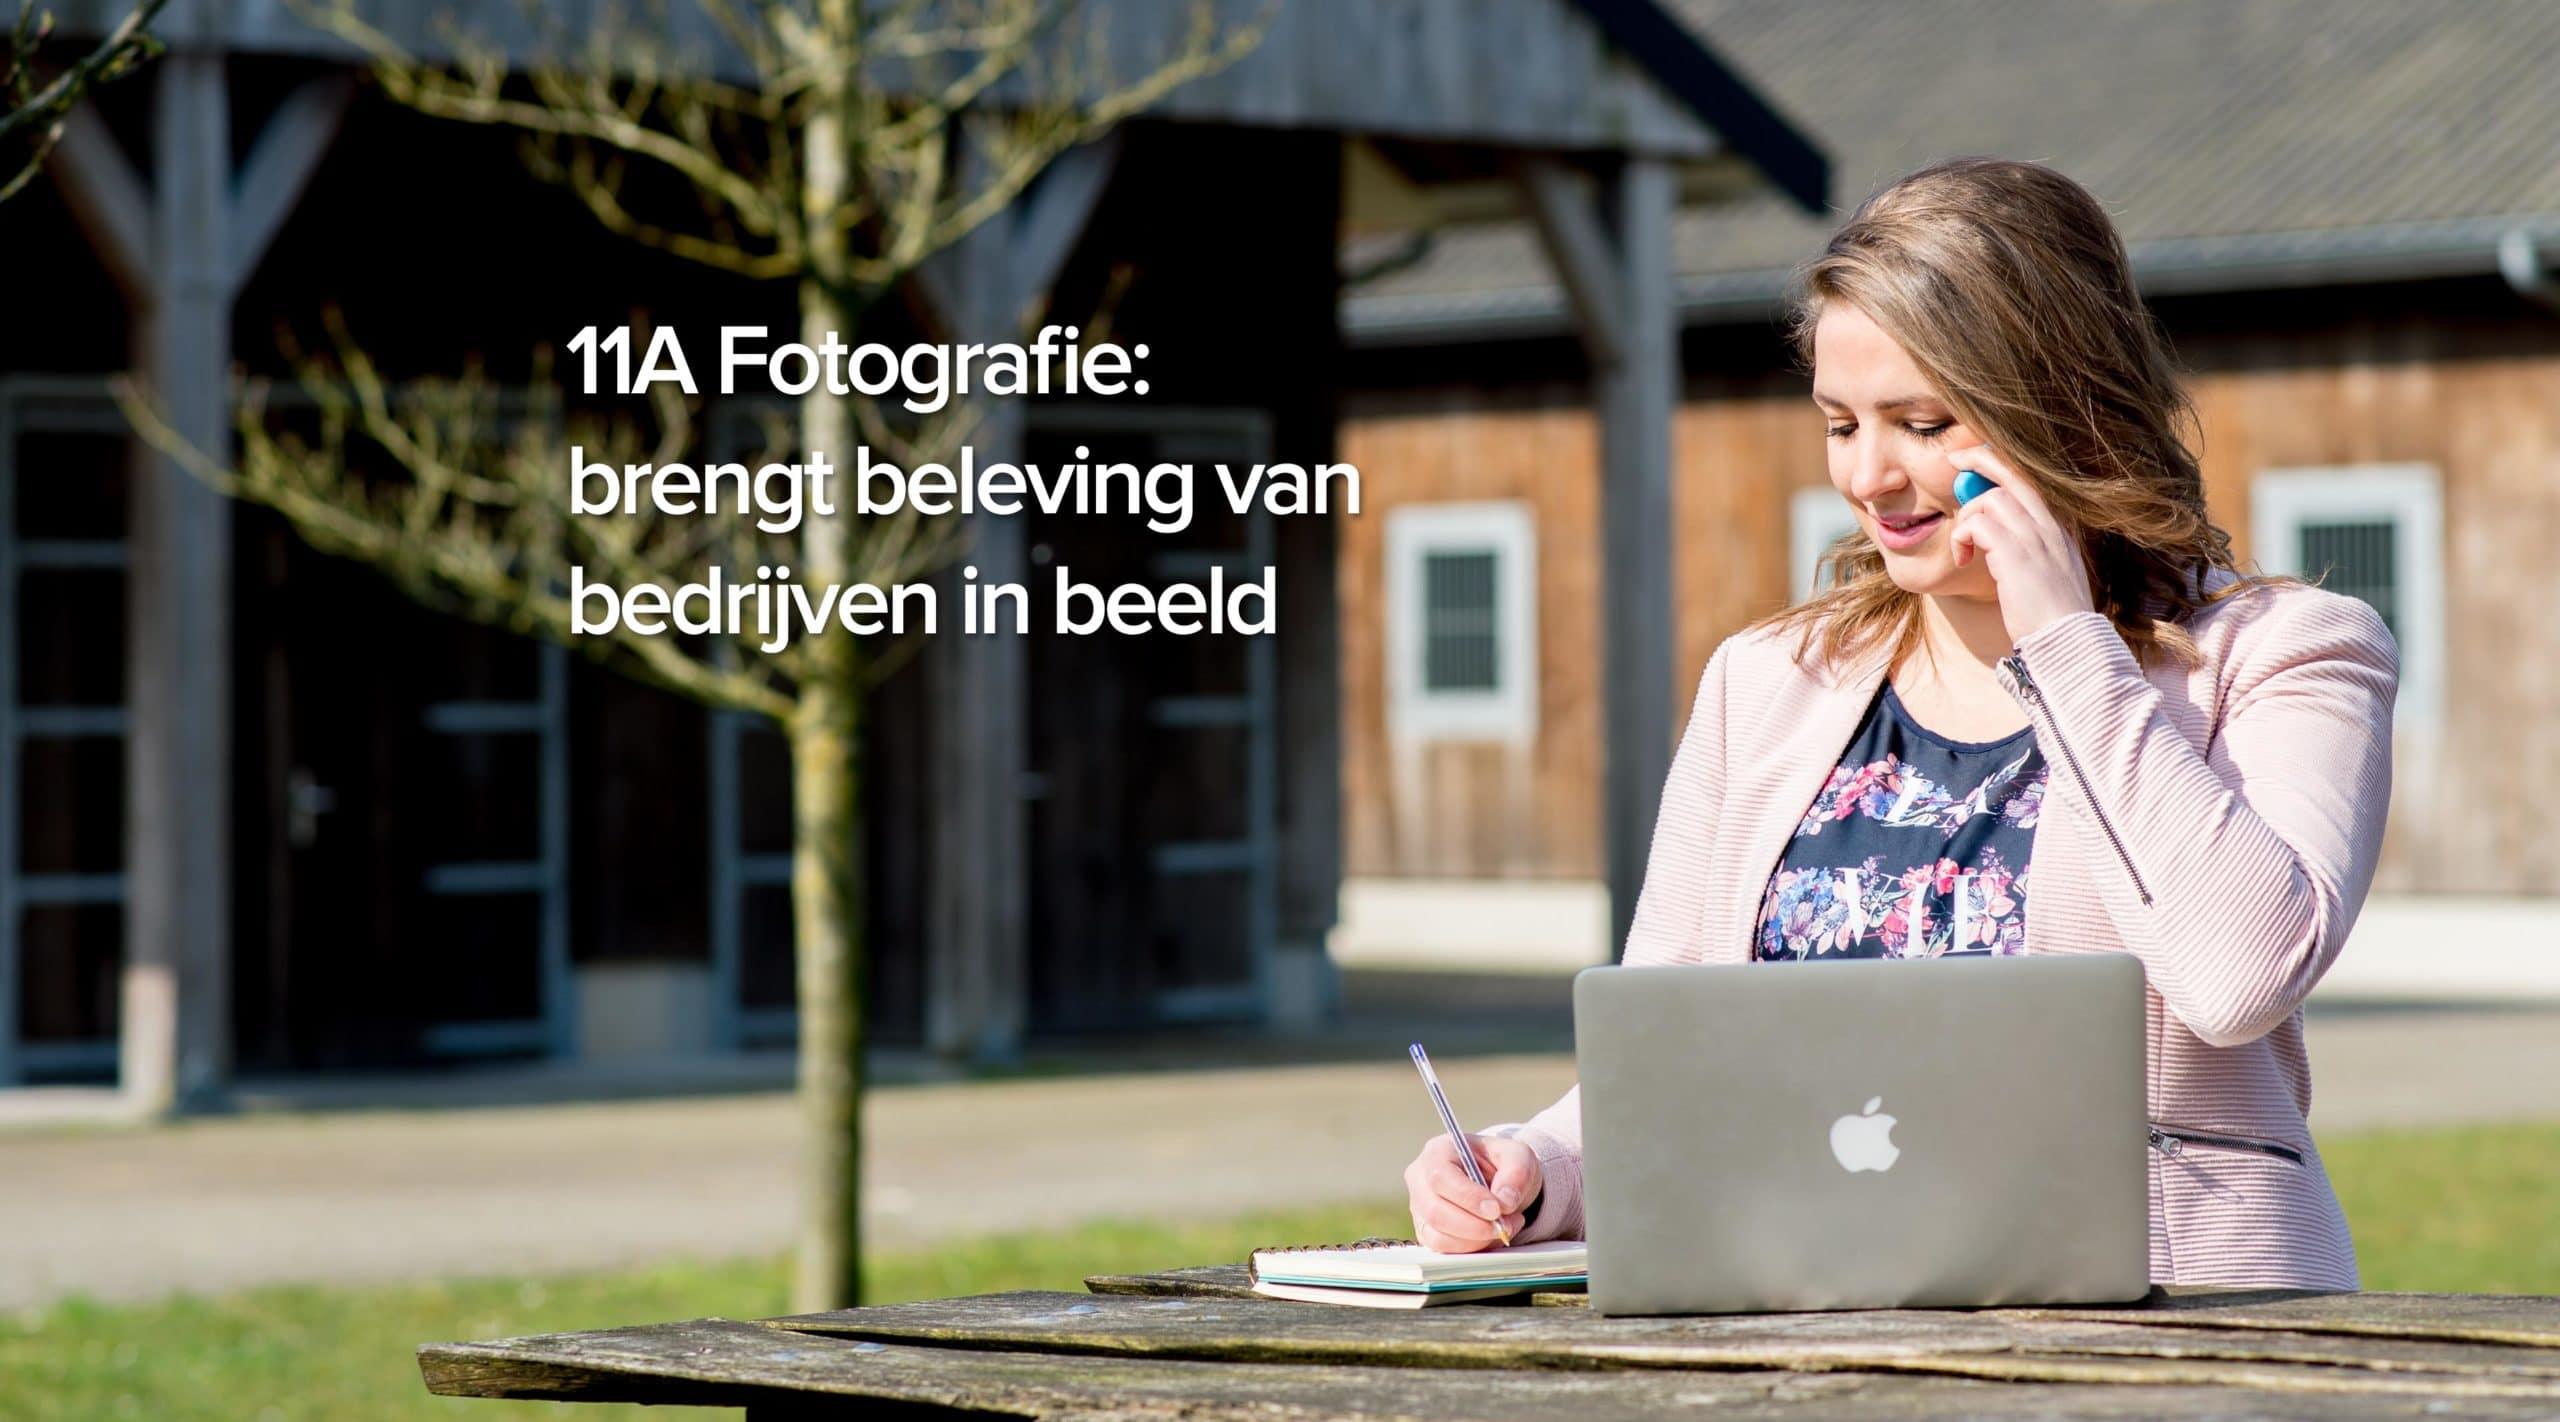 Zakelijke fotografie door 11A Fotografie